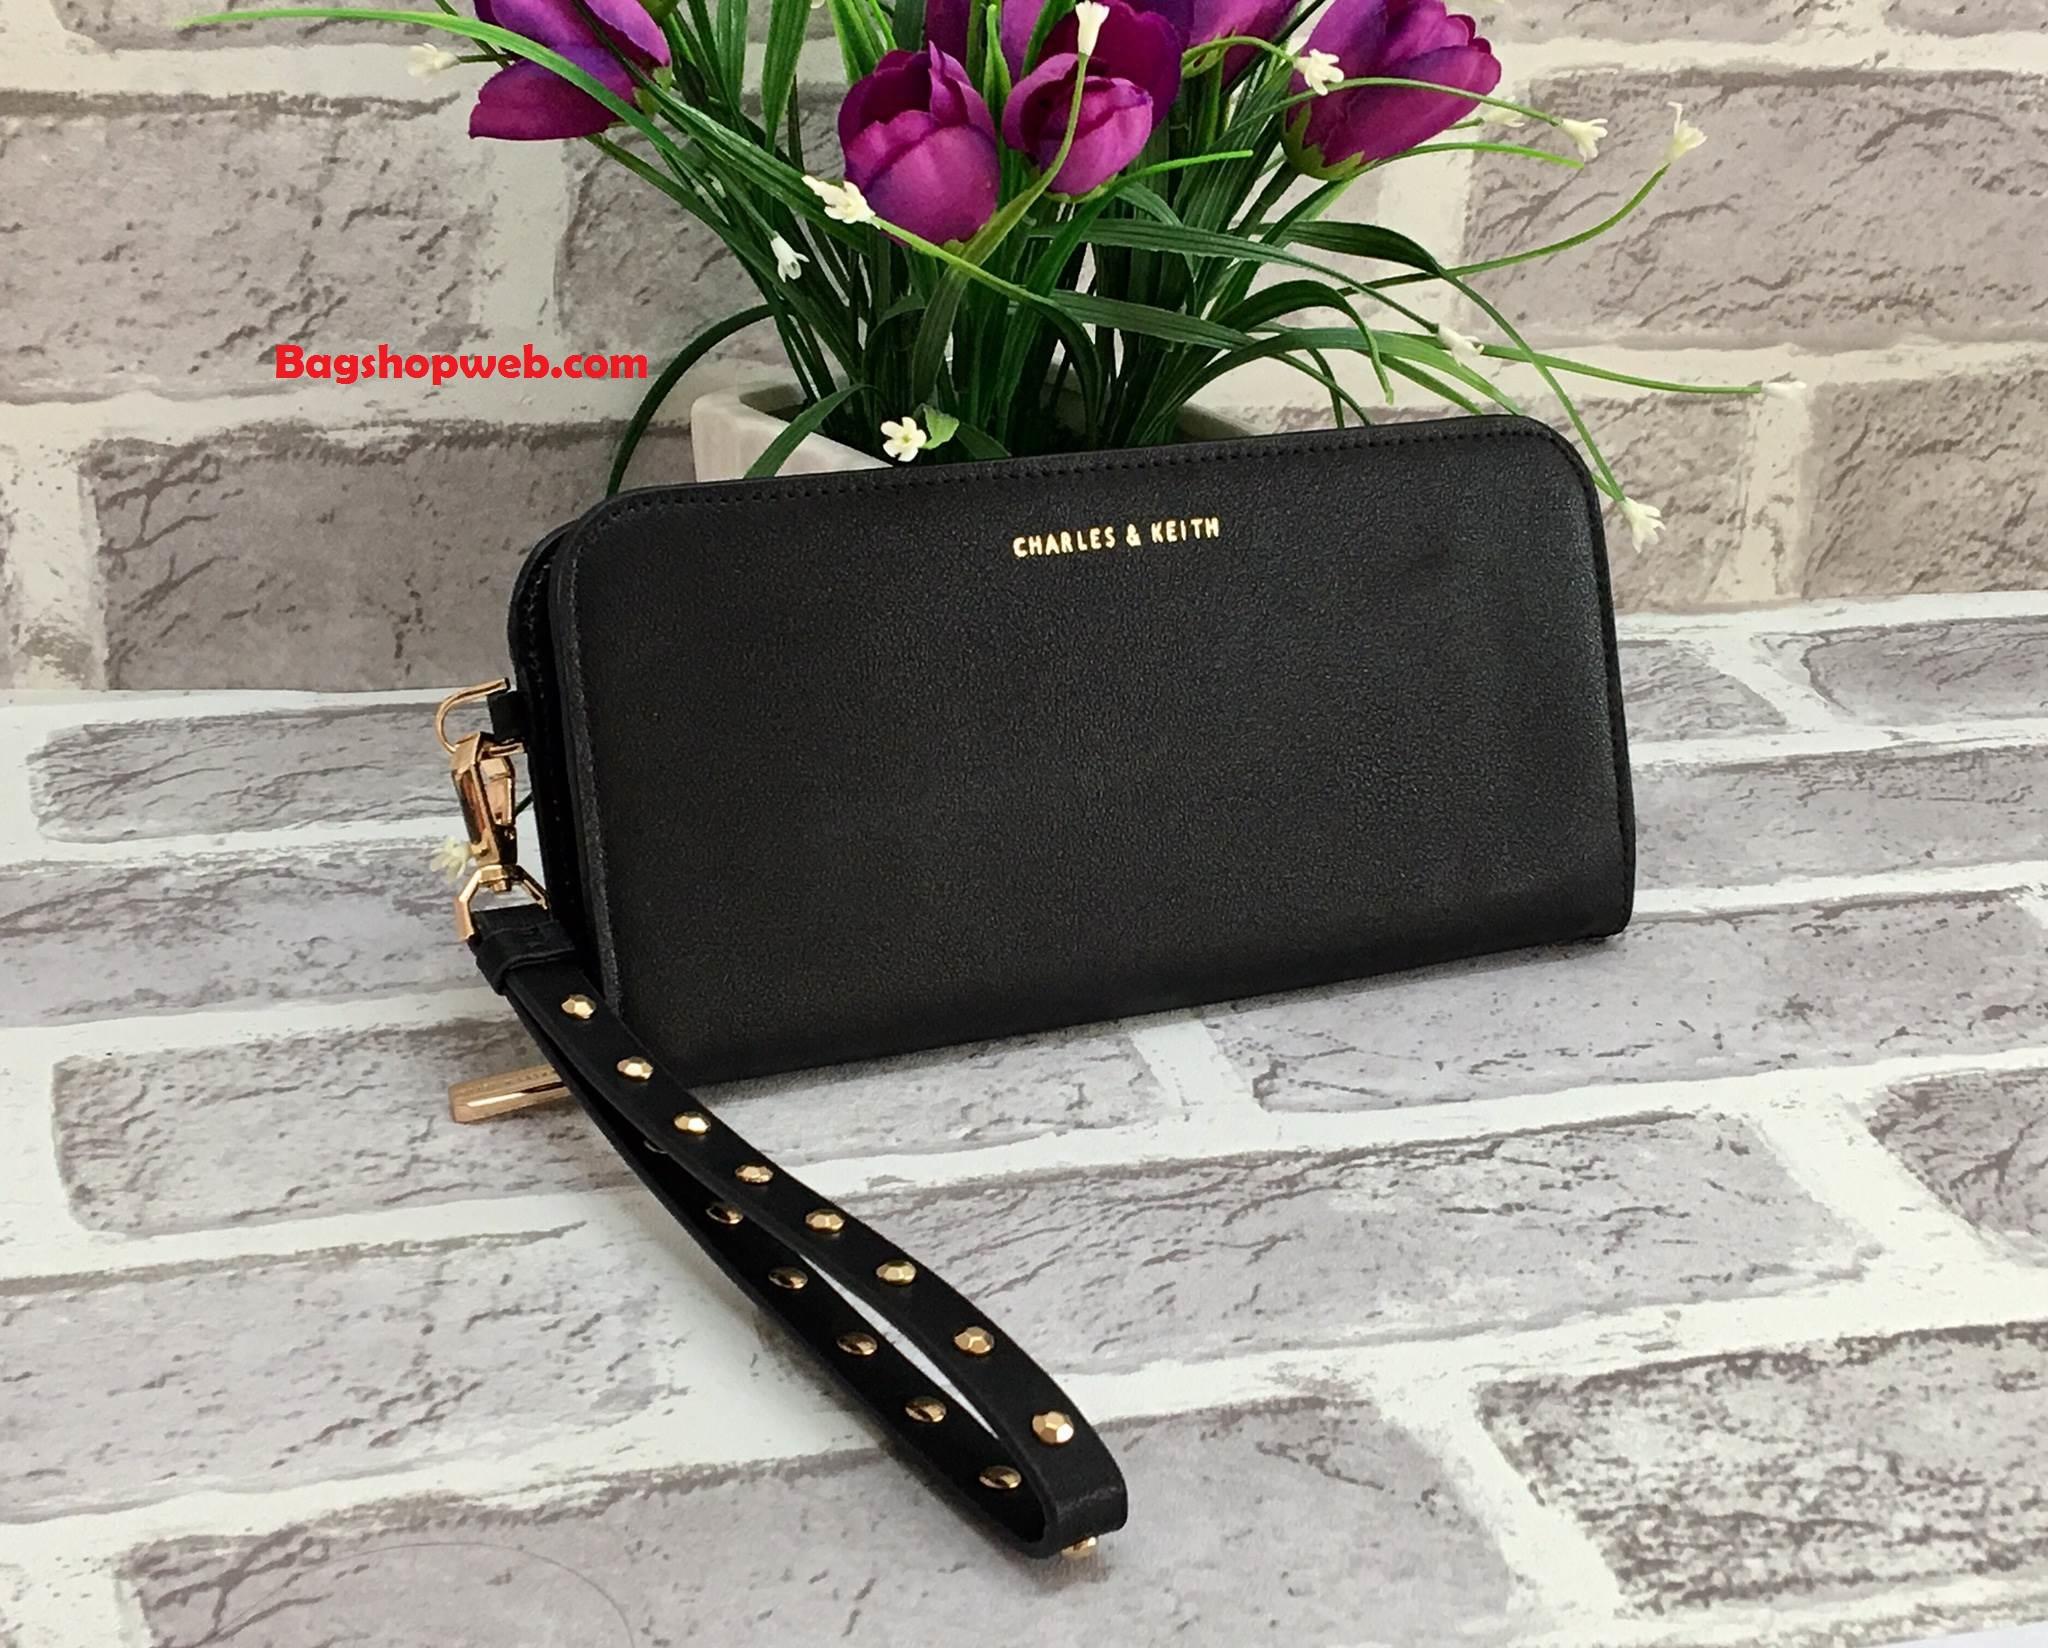 กระเป๋าสตางค์ใบยาว CHARLES & KEITH LONG WALLET หนังเรียบ สีดำ พร้อมสายคล่องมือ